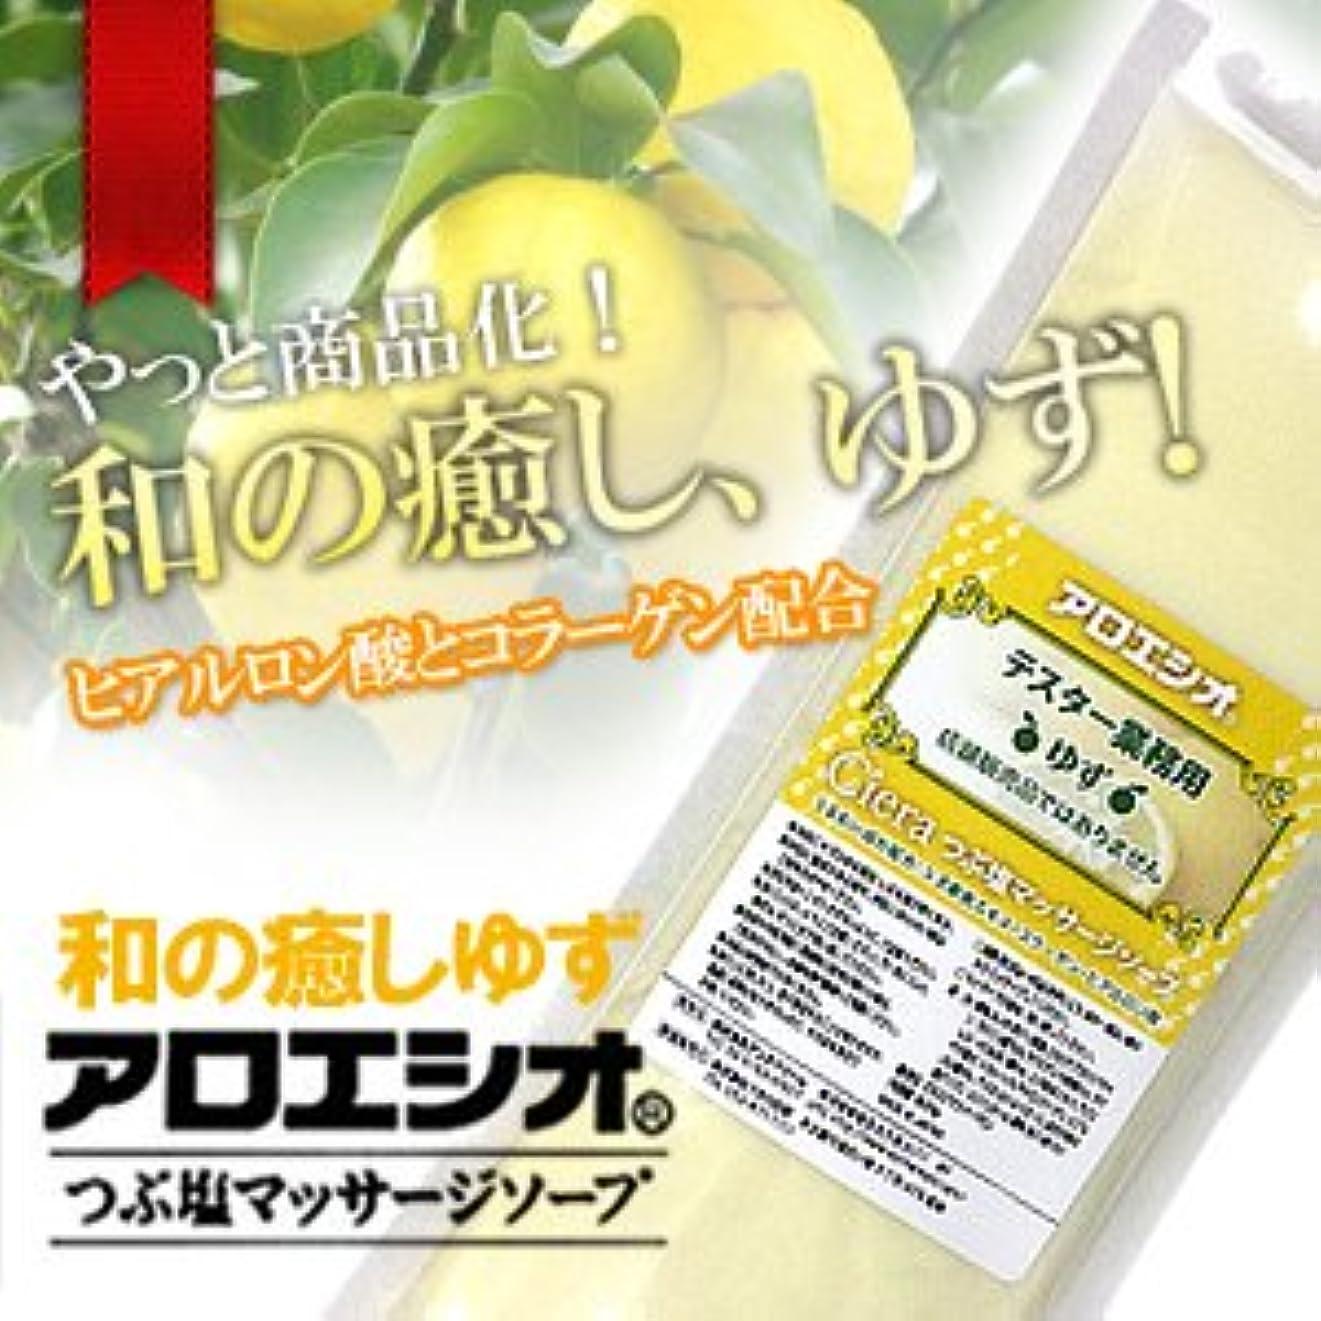 一定セージツールゆず アロエ塩 800g つぶ塩マッサージソープ/フタバ化学 アロエシオ